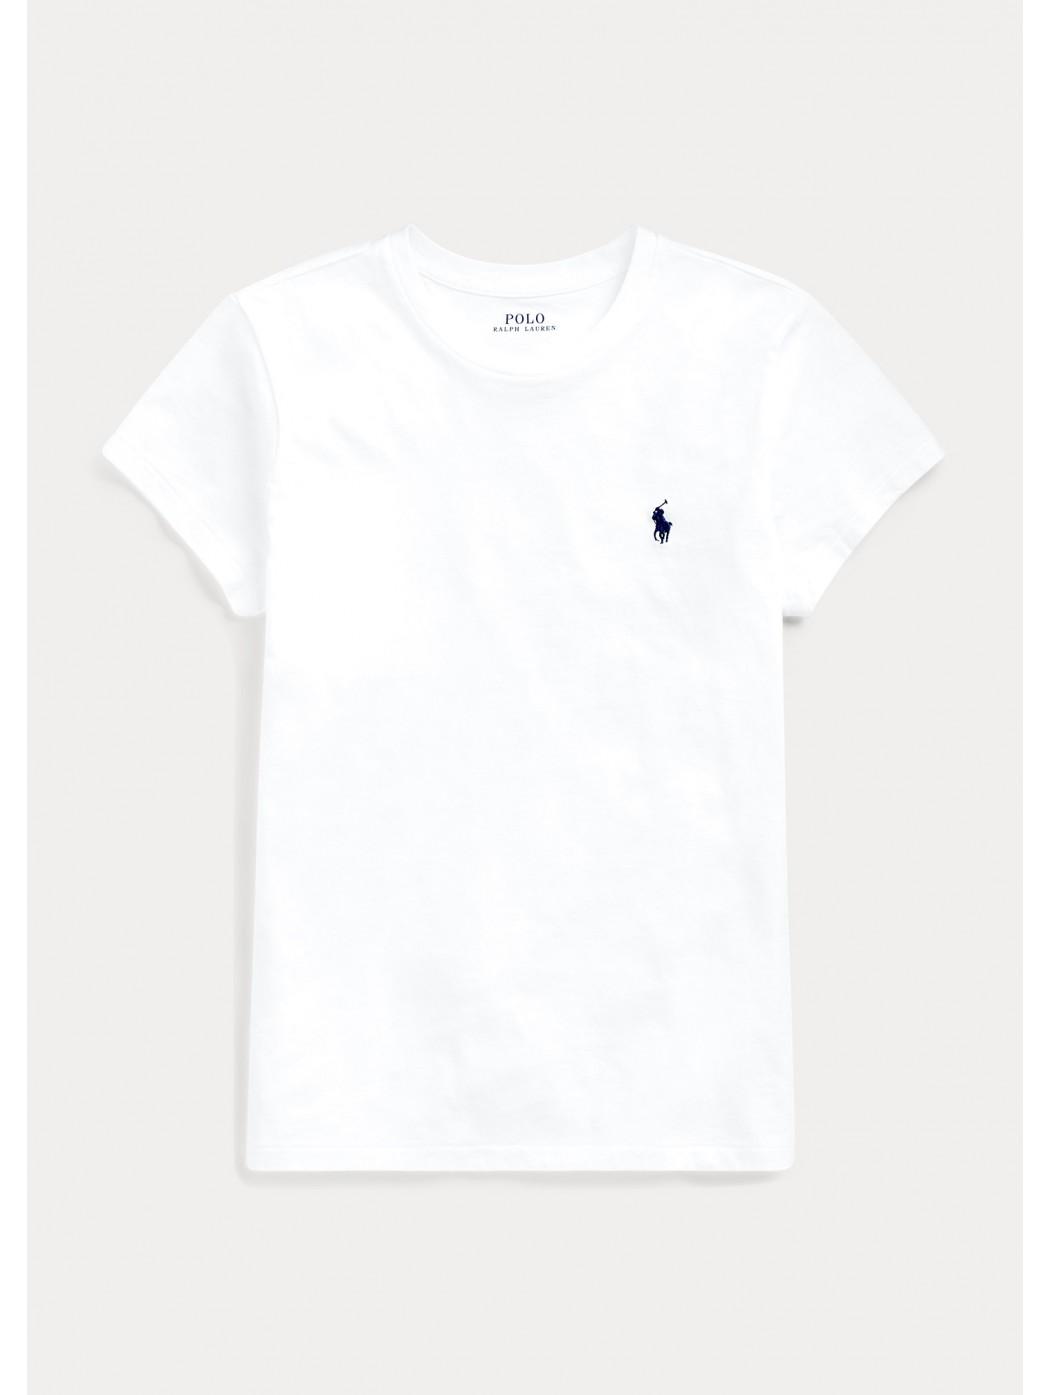 Maglietta a girocollo in cotone POLO RALPH LAUREN DONNA 211734144 001